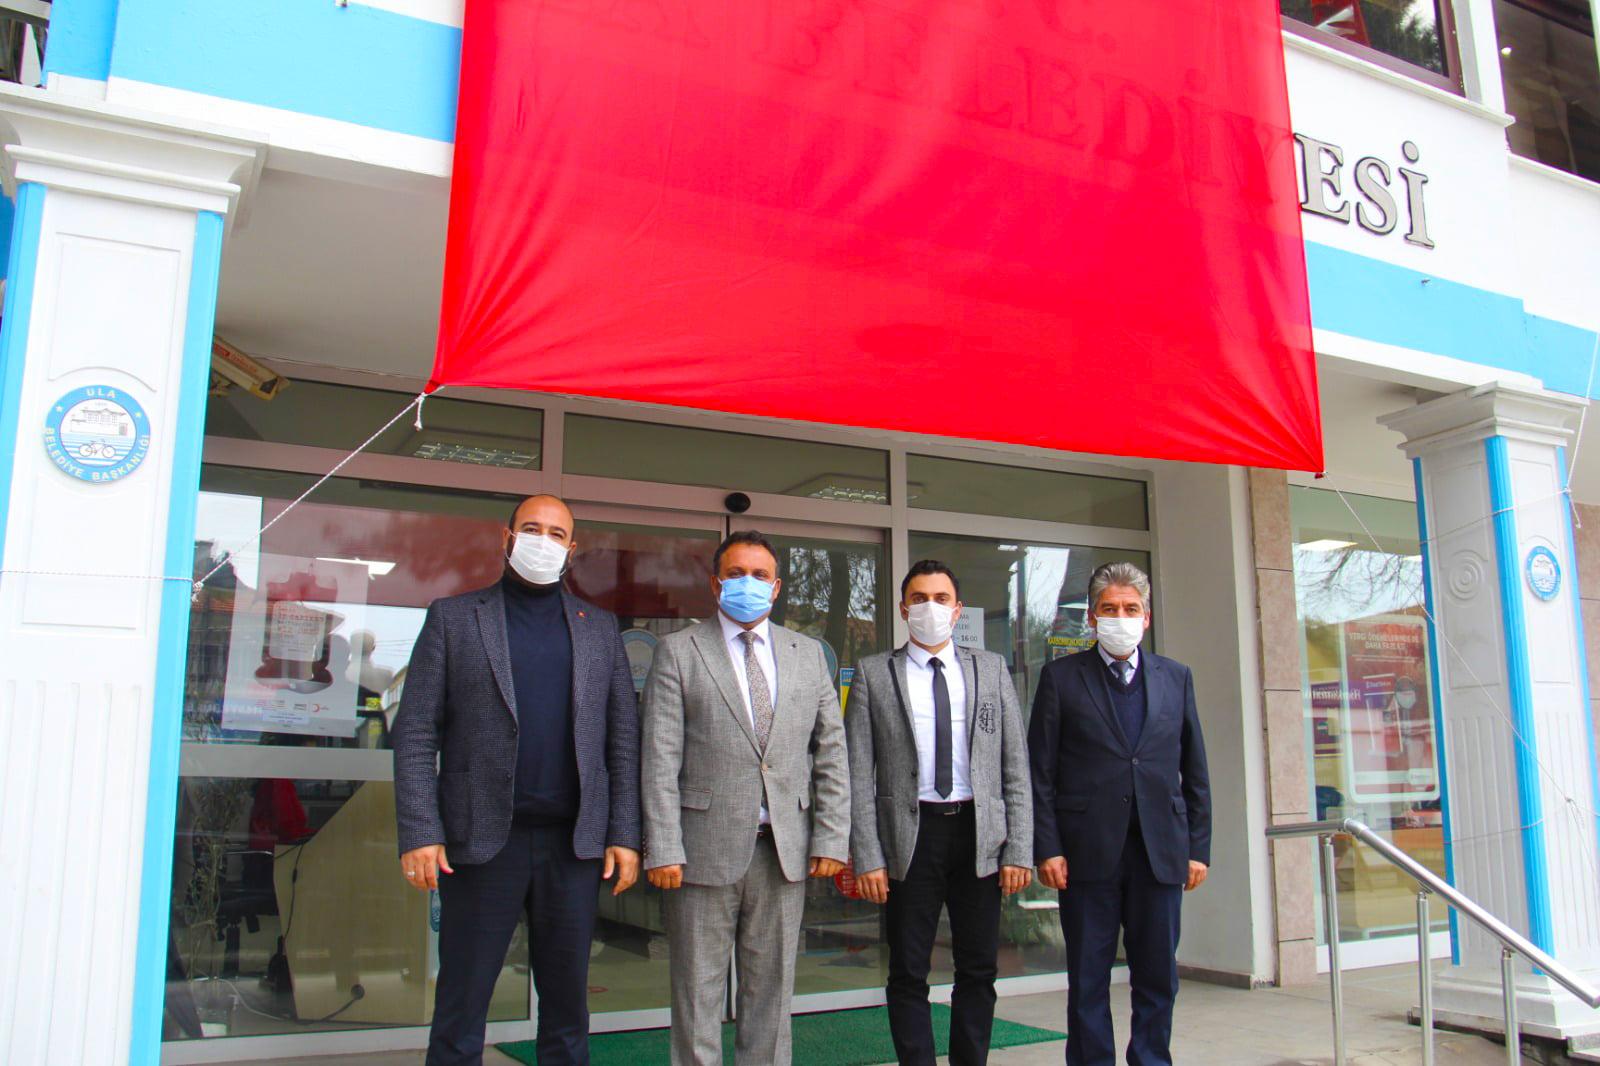 Ak Parti Datça İlçe Başkanı Sn. Fatih Keleş ve Ak Parti Marmaris İlçe Başkanı Sn. Ceyhun Gökmen ziyaretimizde bulundular.